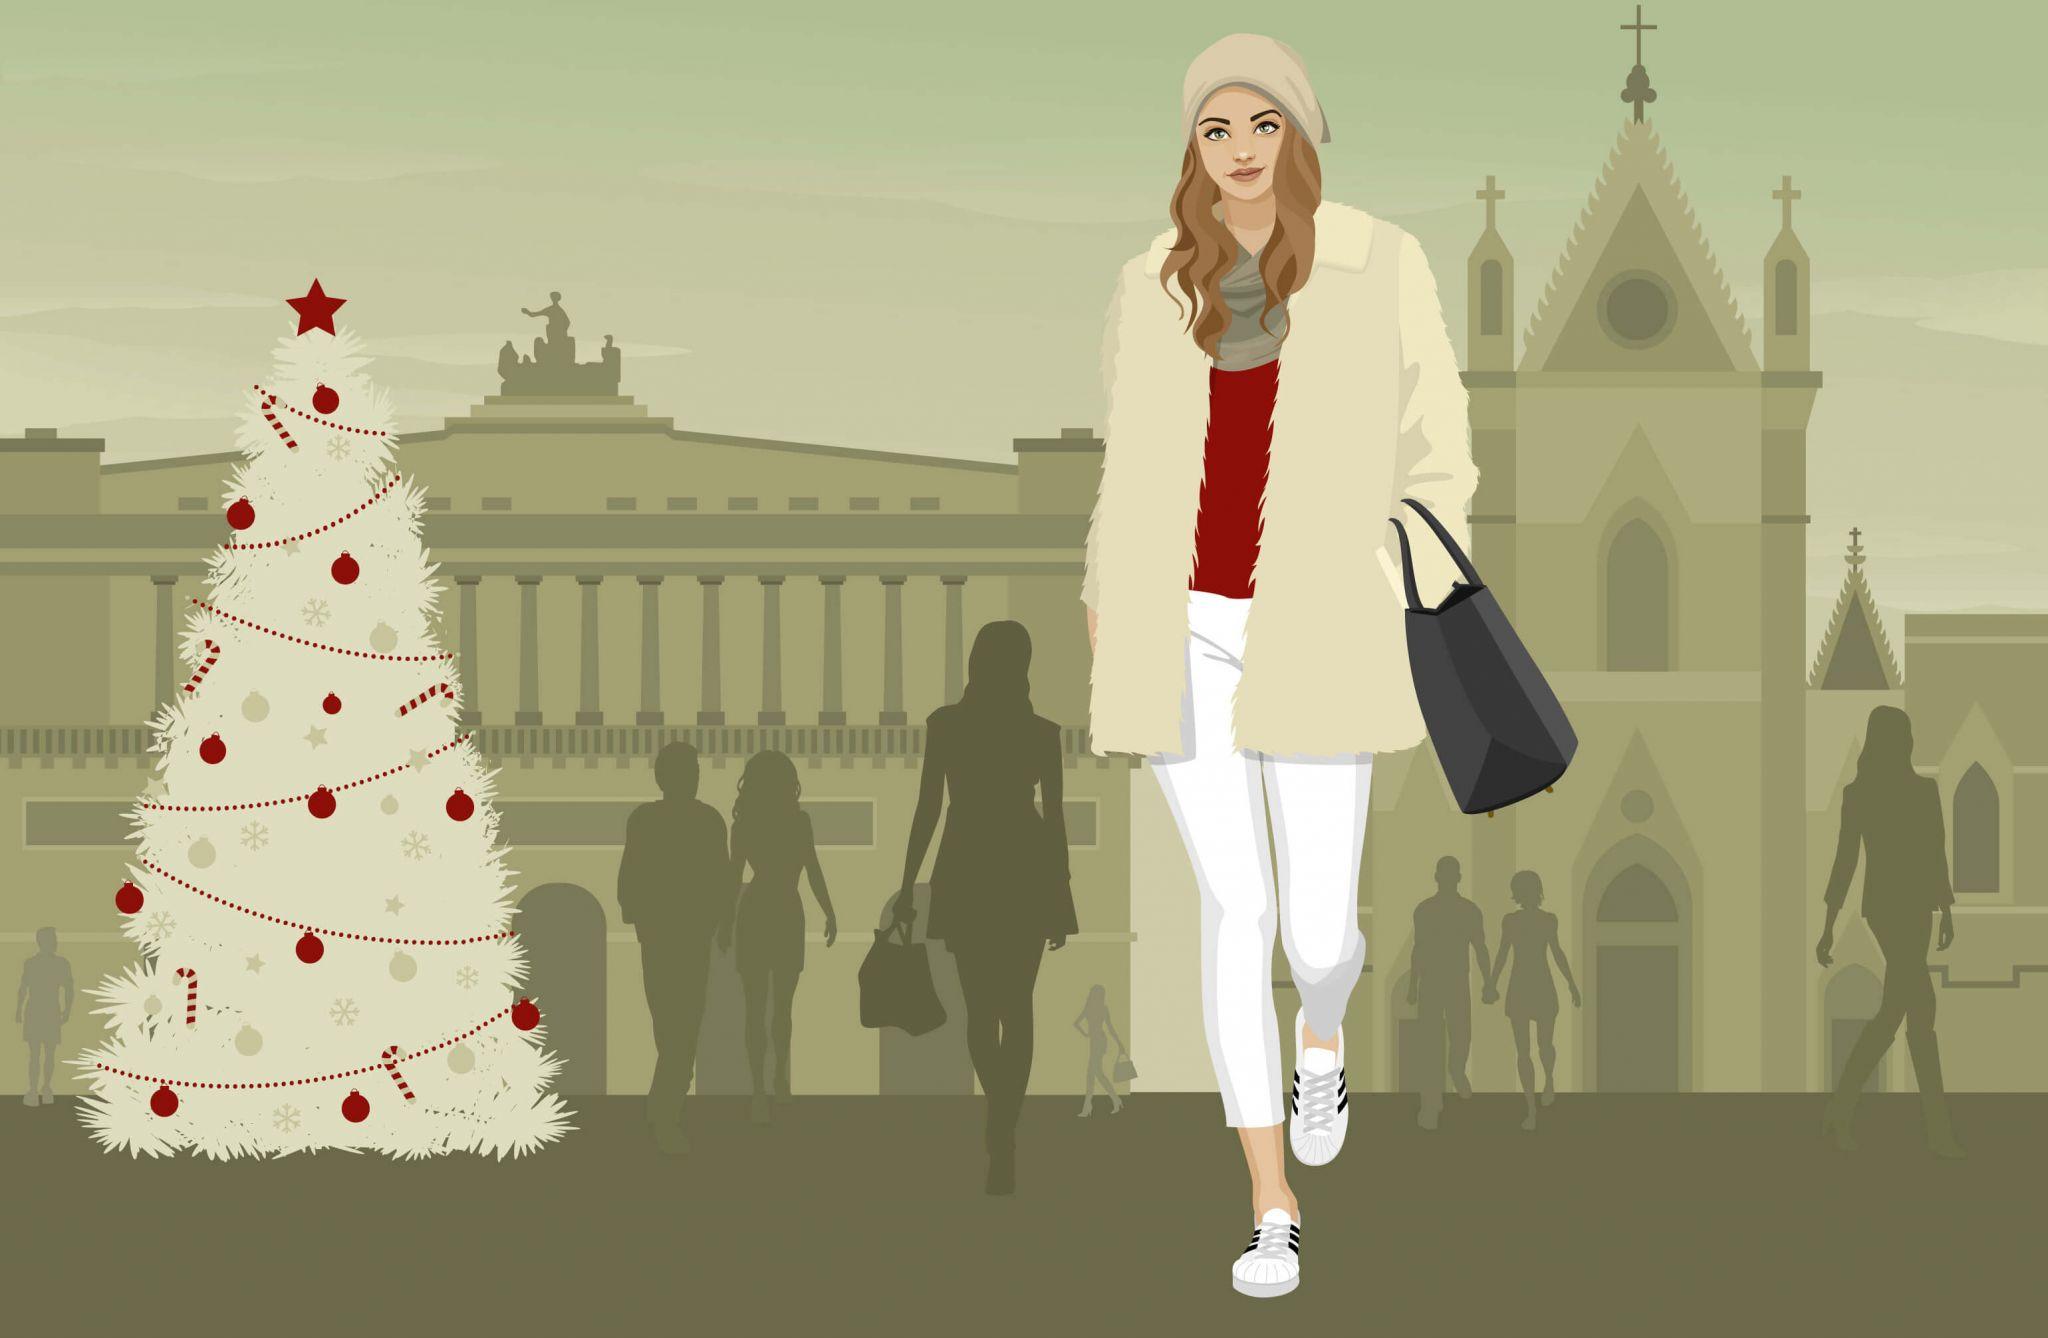 46b297c33d32b7 Immancabili sneakers e ecopelliccia per vivere una Napoli tutta da  scoprire. Qual è l'outfit perfetto per le lovers napoletane? stileo.it  analizza le ...